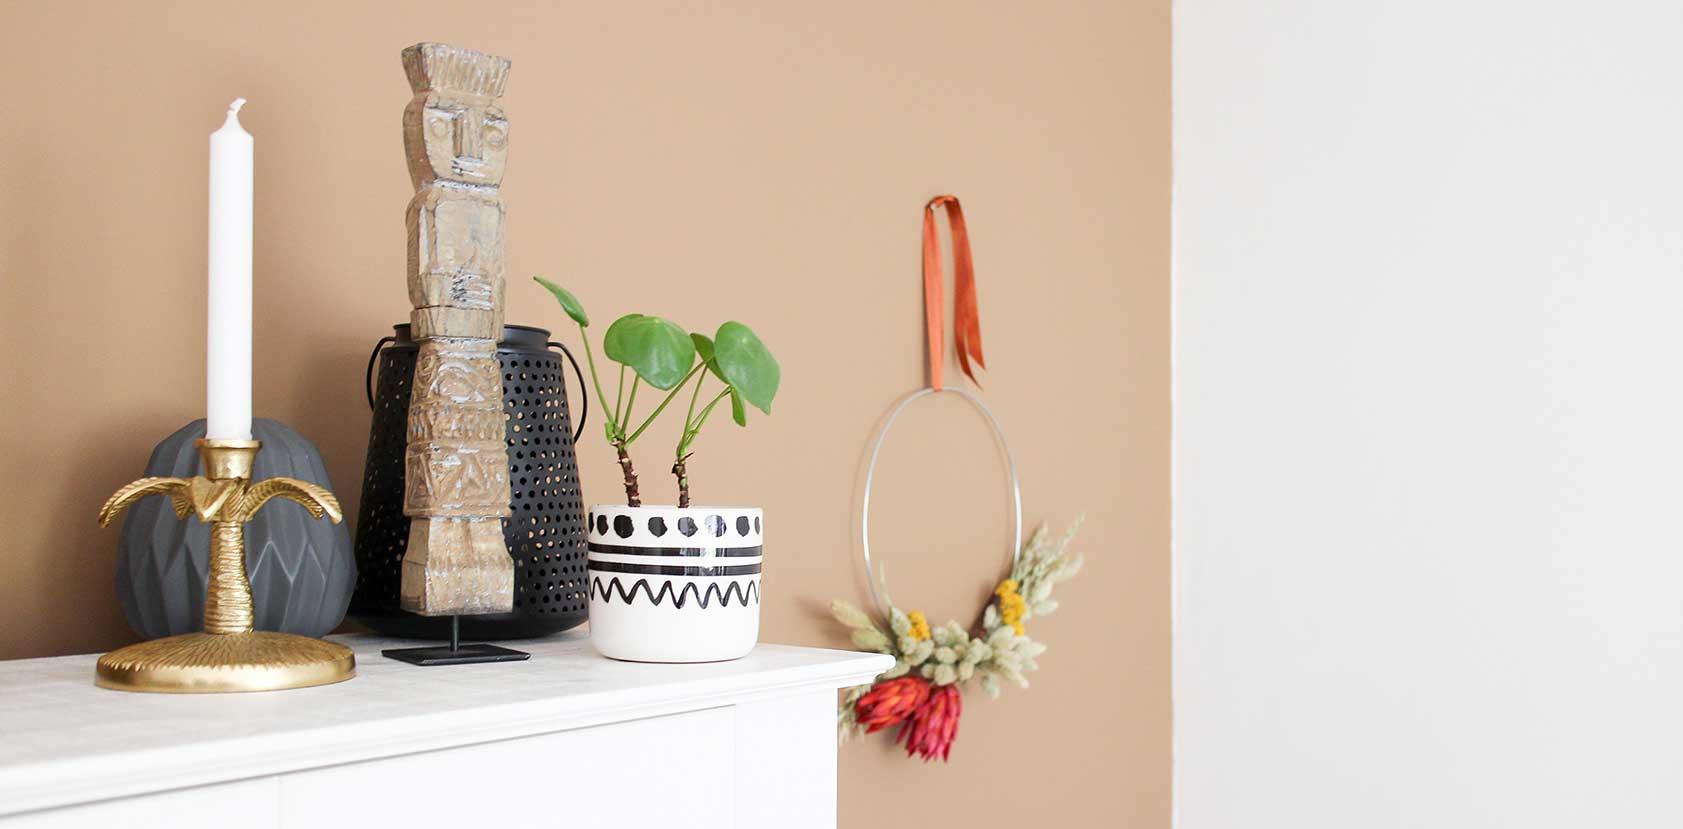 Maak-je-eigen-droogbloemen krans ---Live-love-interior